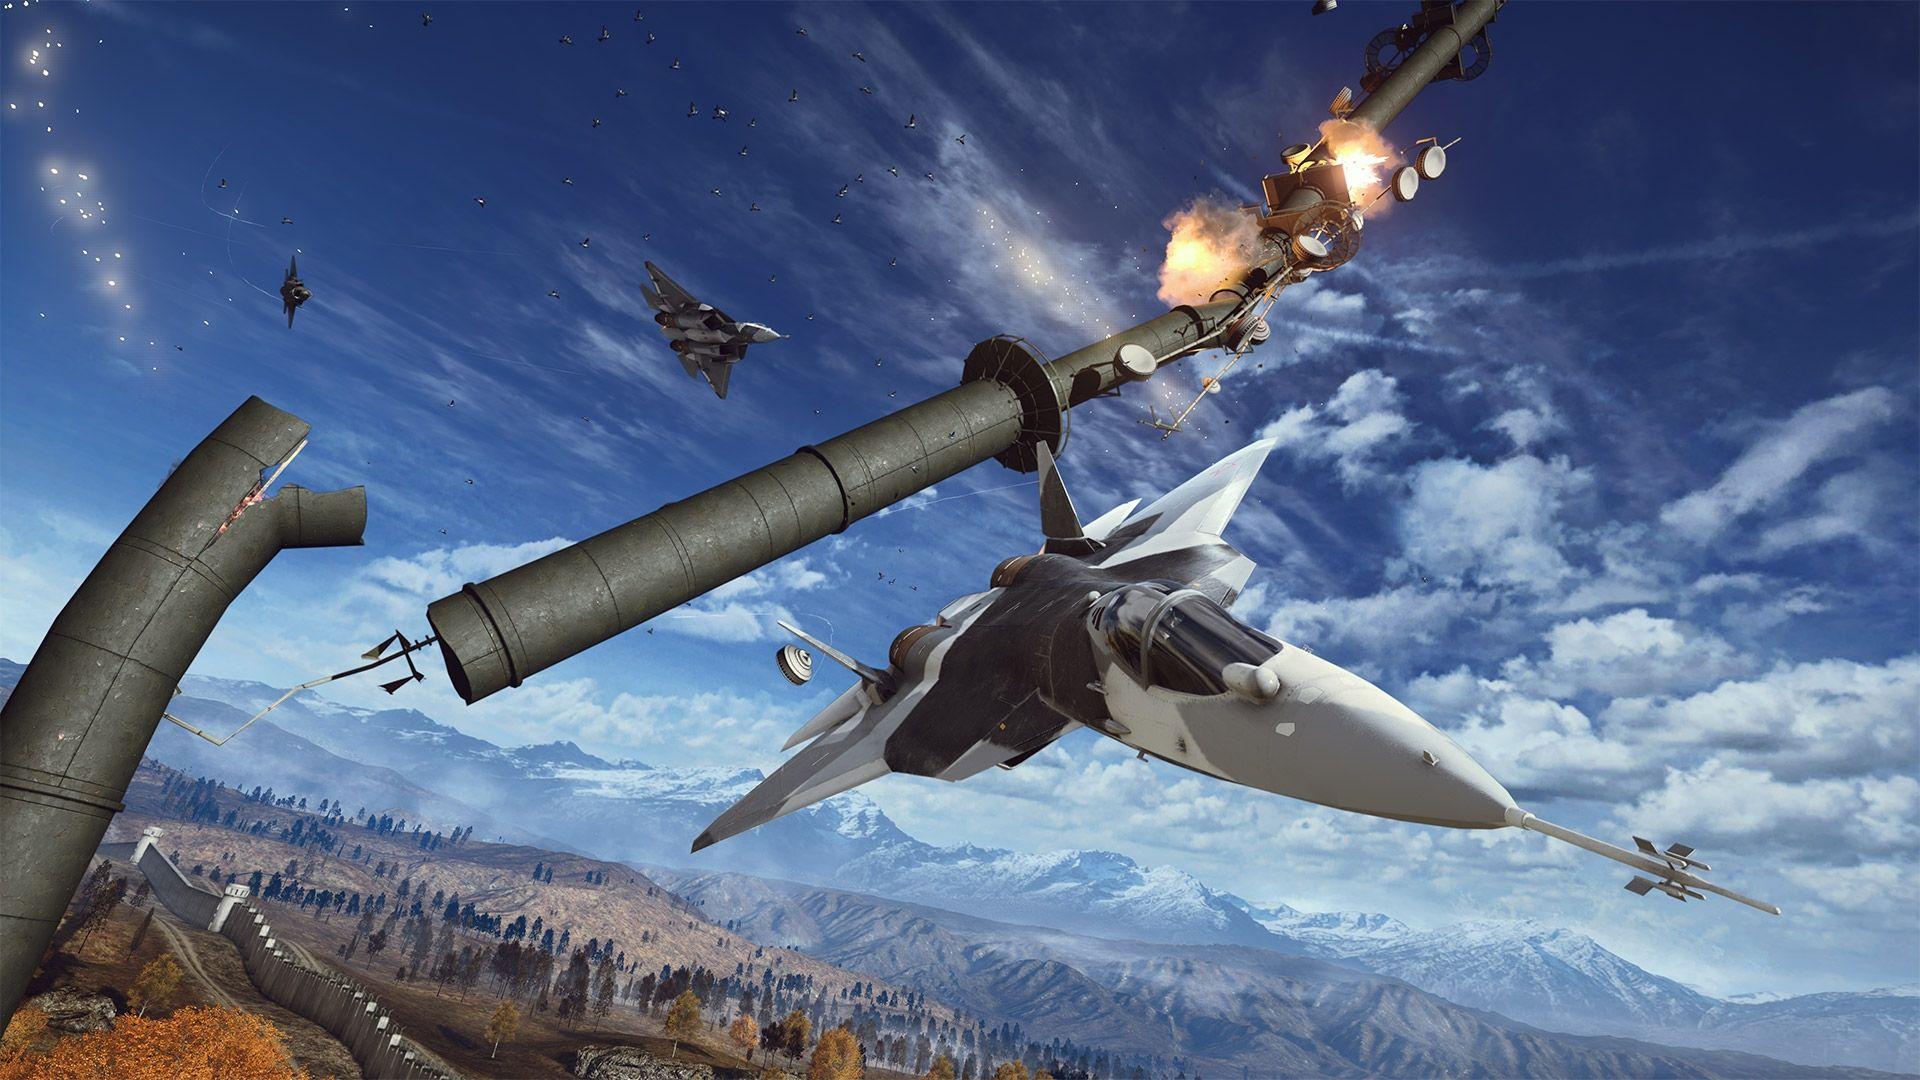 Battlefield HD desktop wallpaper Widescreen High Definition